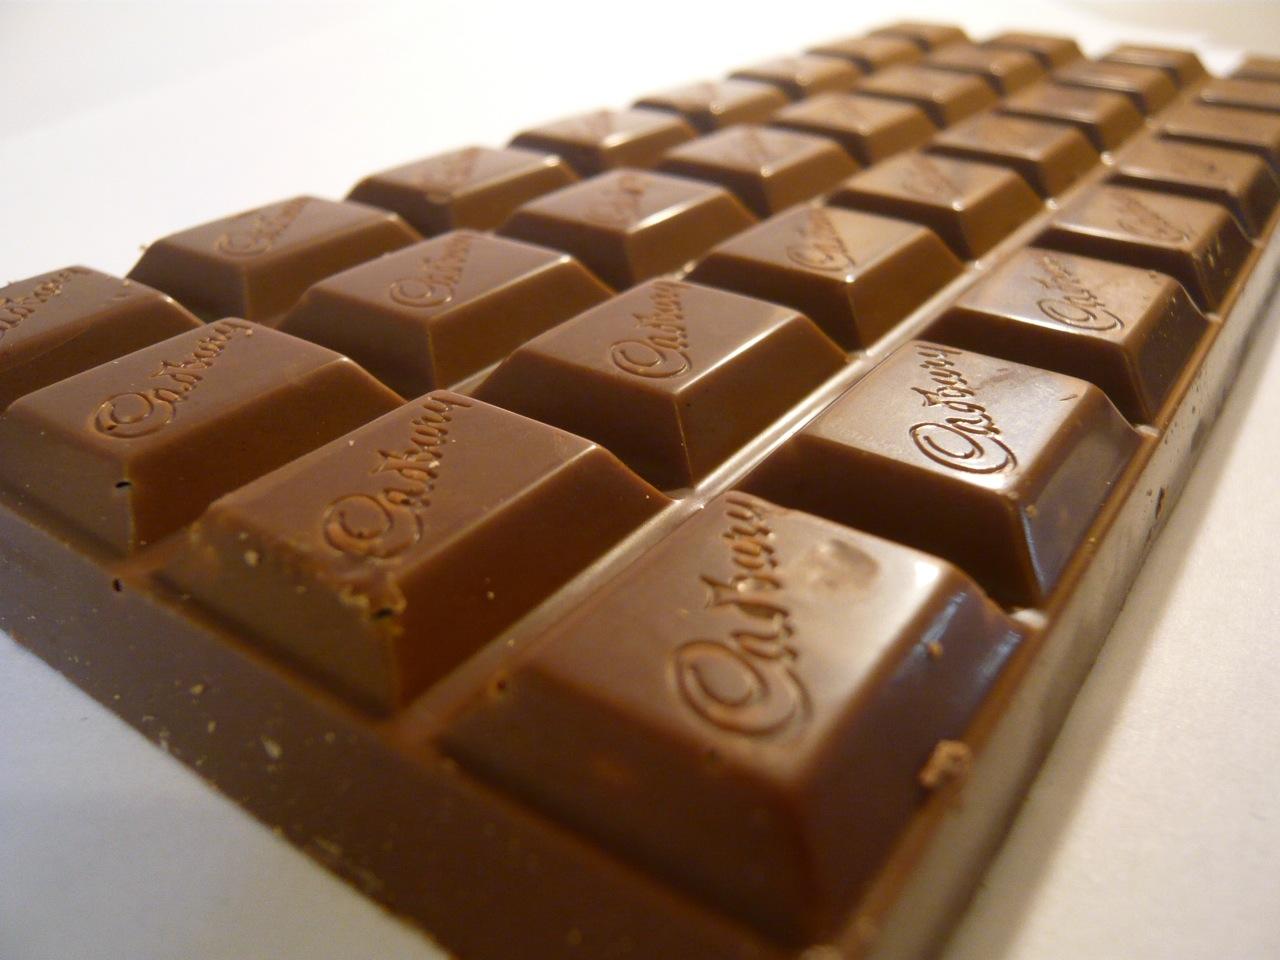 Choc Choc   Chocolate Photo 33721450 1280x960